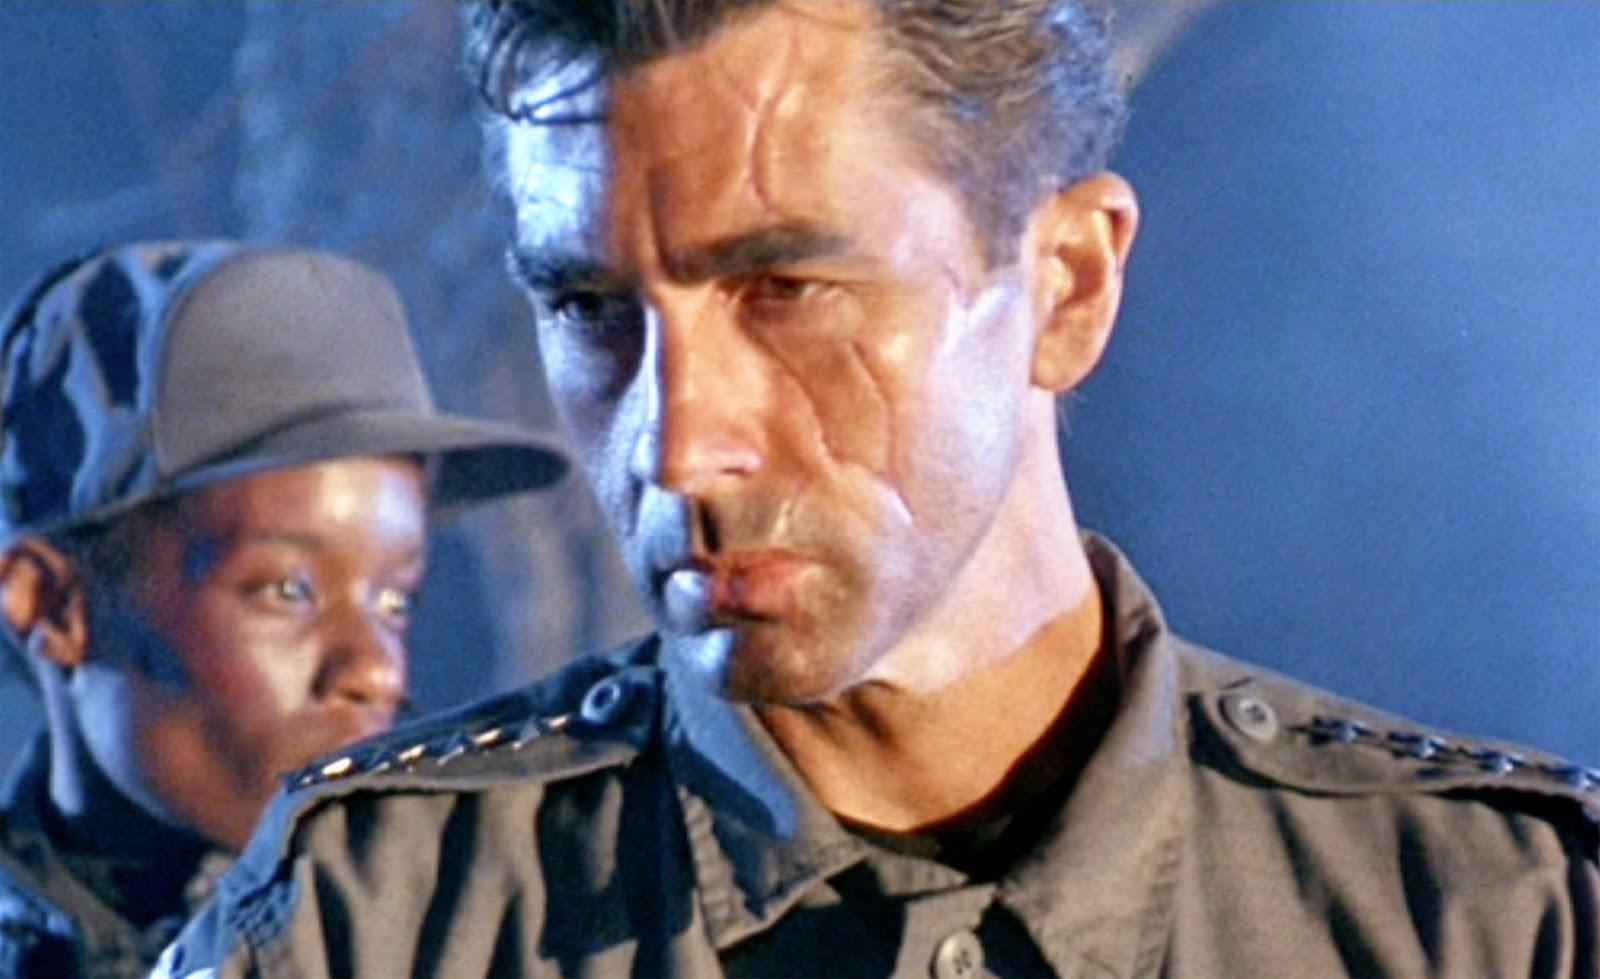 Det spelar ingen roll hur många andra som spelar rollen som John Connor. Michael Edwards, som inte ens har några repliker i Terminator 2: Domedagen, är den bild de flesta har av en vuxen John Connor. Foto: TriStar Pictures.